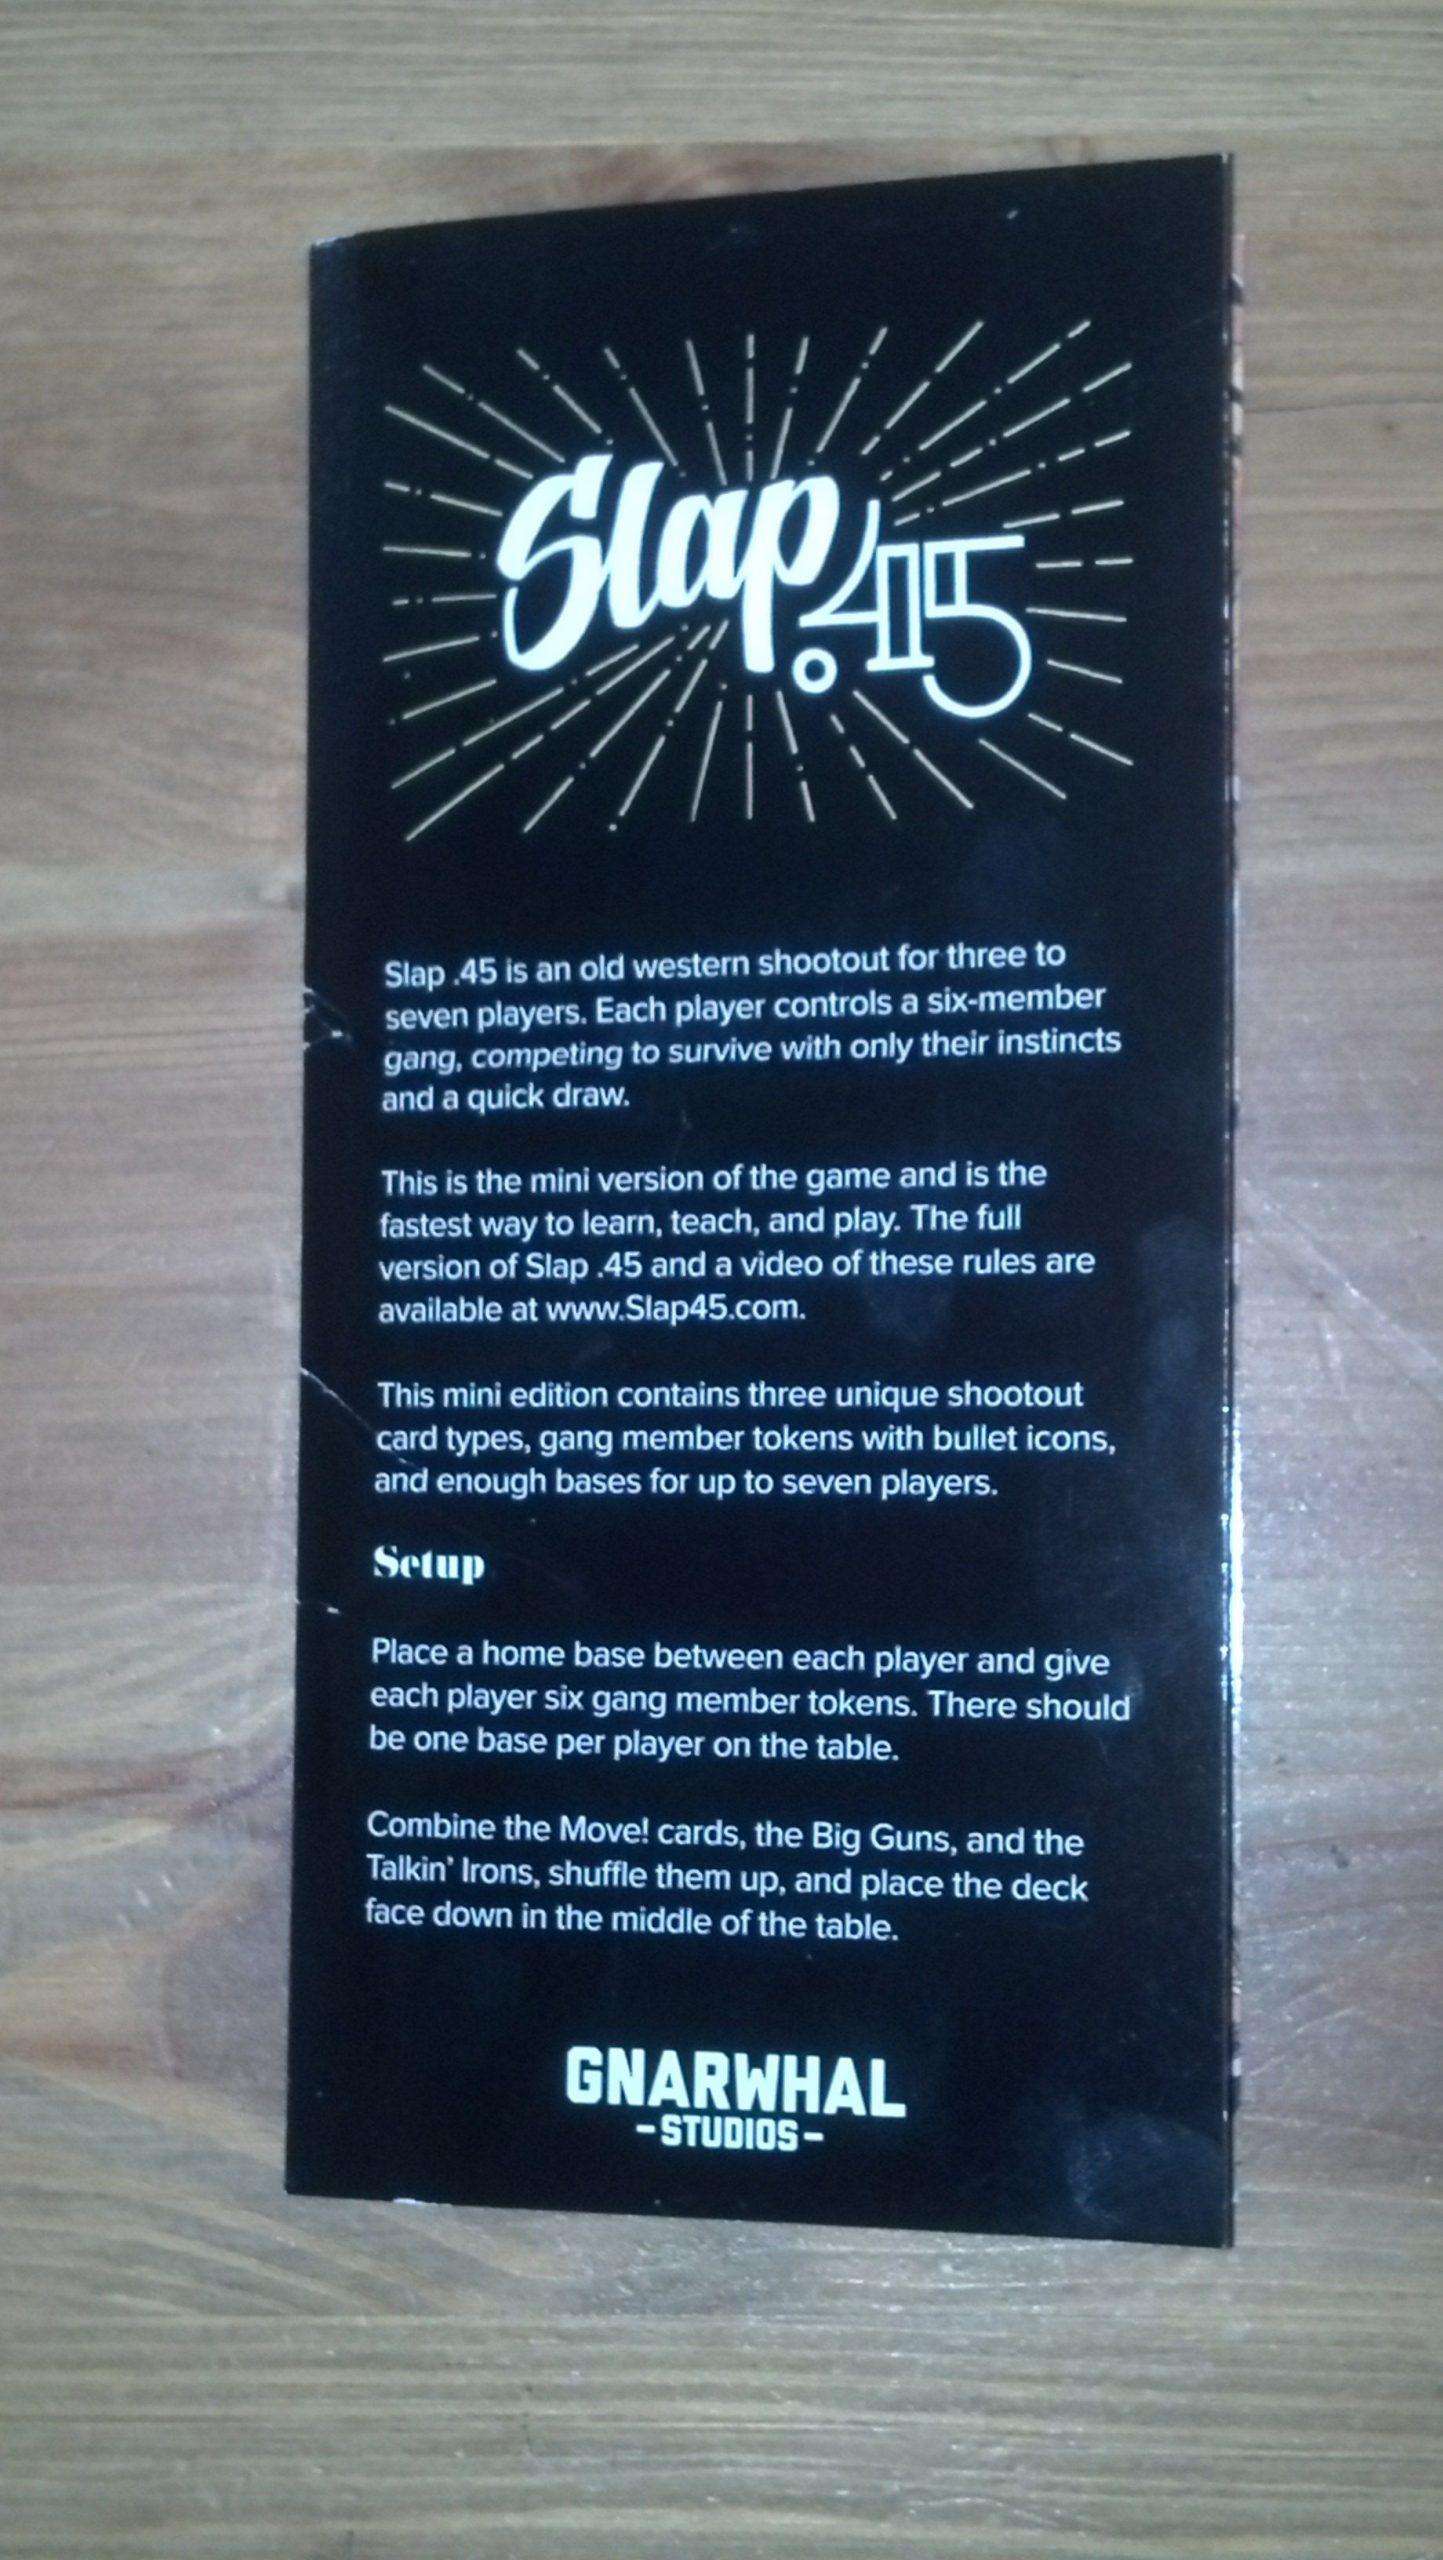 настольная игра Slap .45 Mini Шлепок .45 Mini